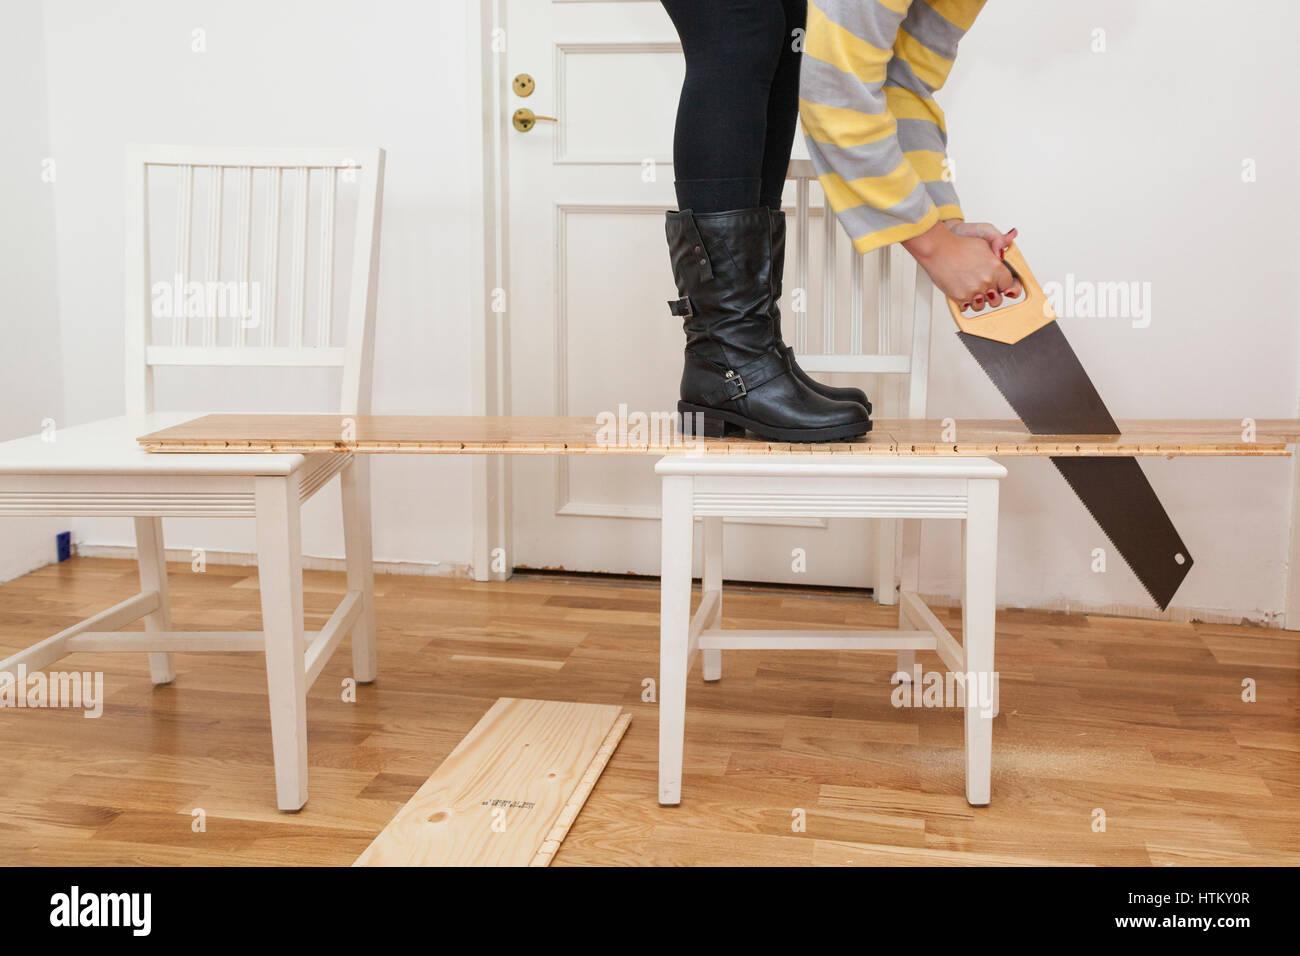 Junge Frau Tun DIY Zu Hause Griffbereit Sägen Und Holzfußböden Auf Länge  Schneiden